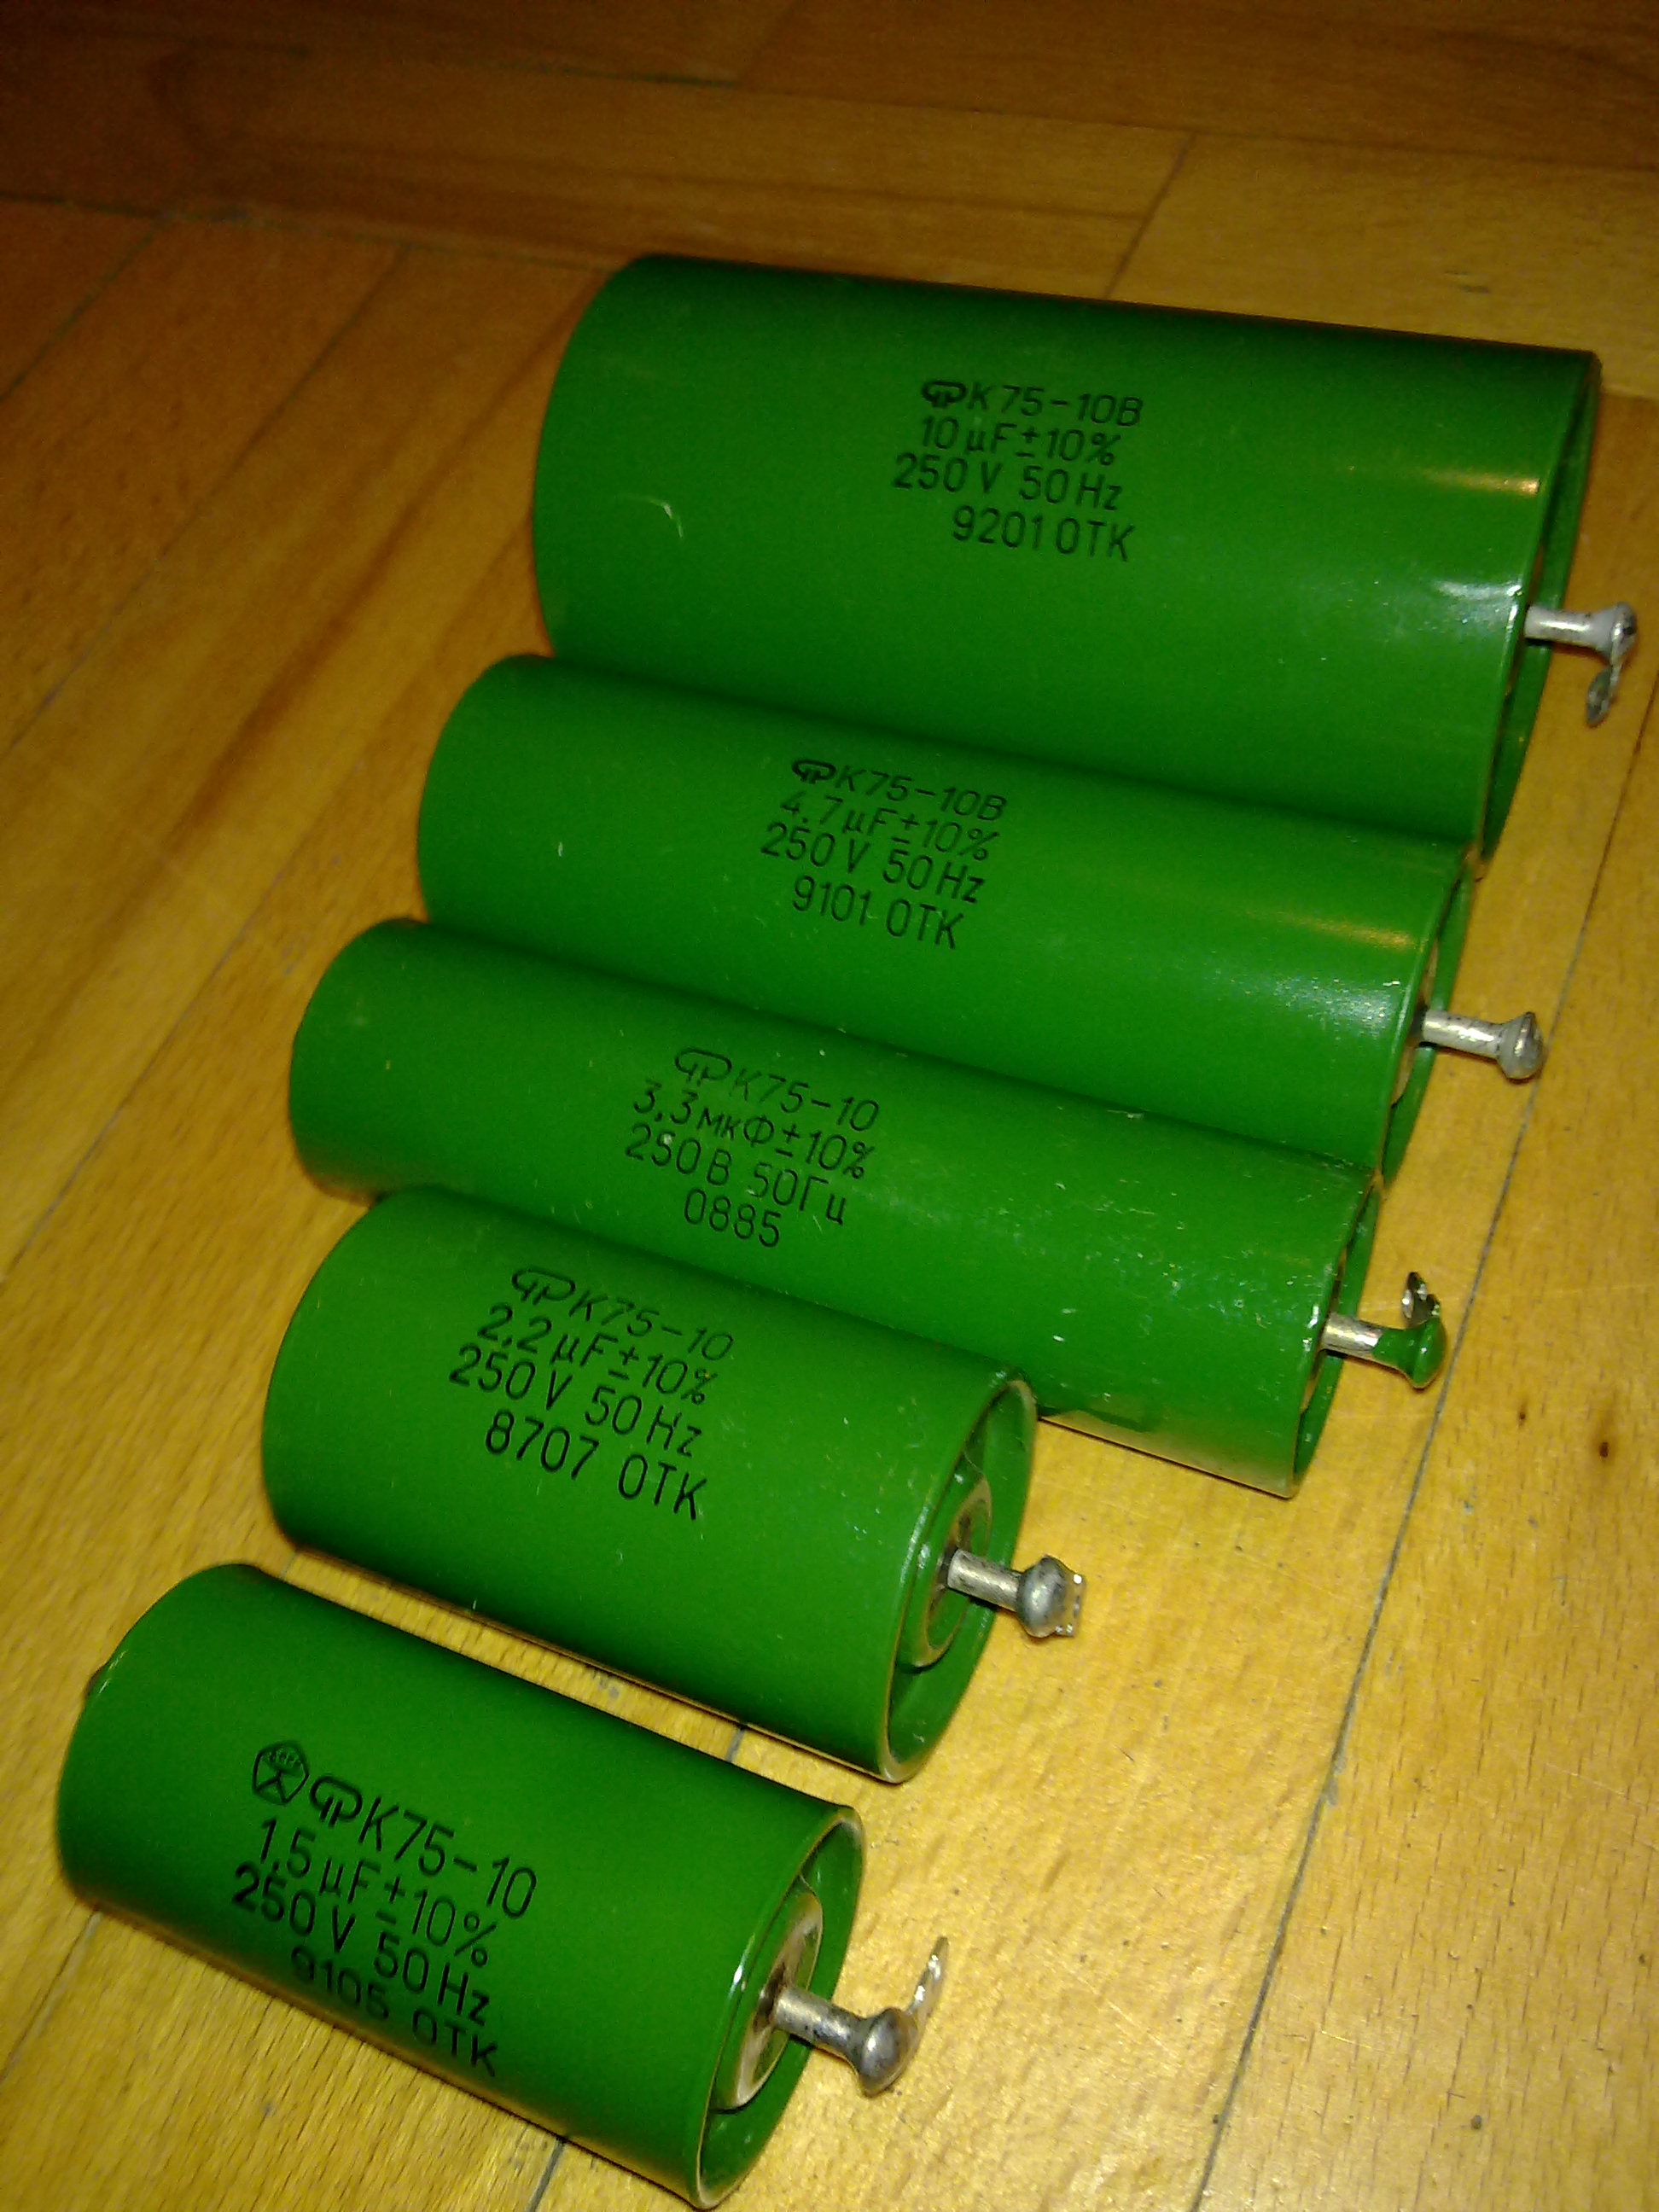 [Sprzedam] Kondensatory ZSRR PIO K75-10 10uF, 4,7uF, 3,3uF, 2,2uF, 1,5uF 250V